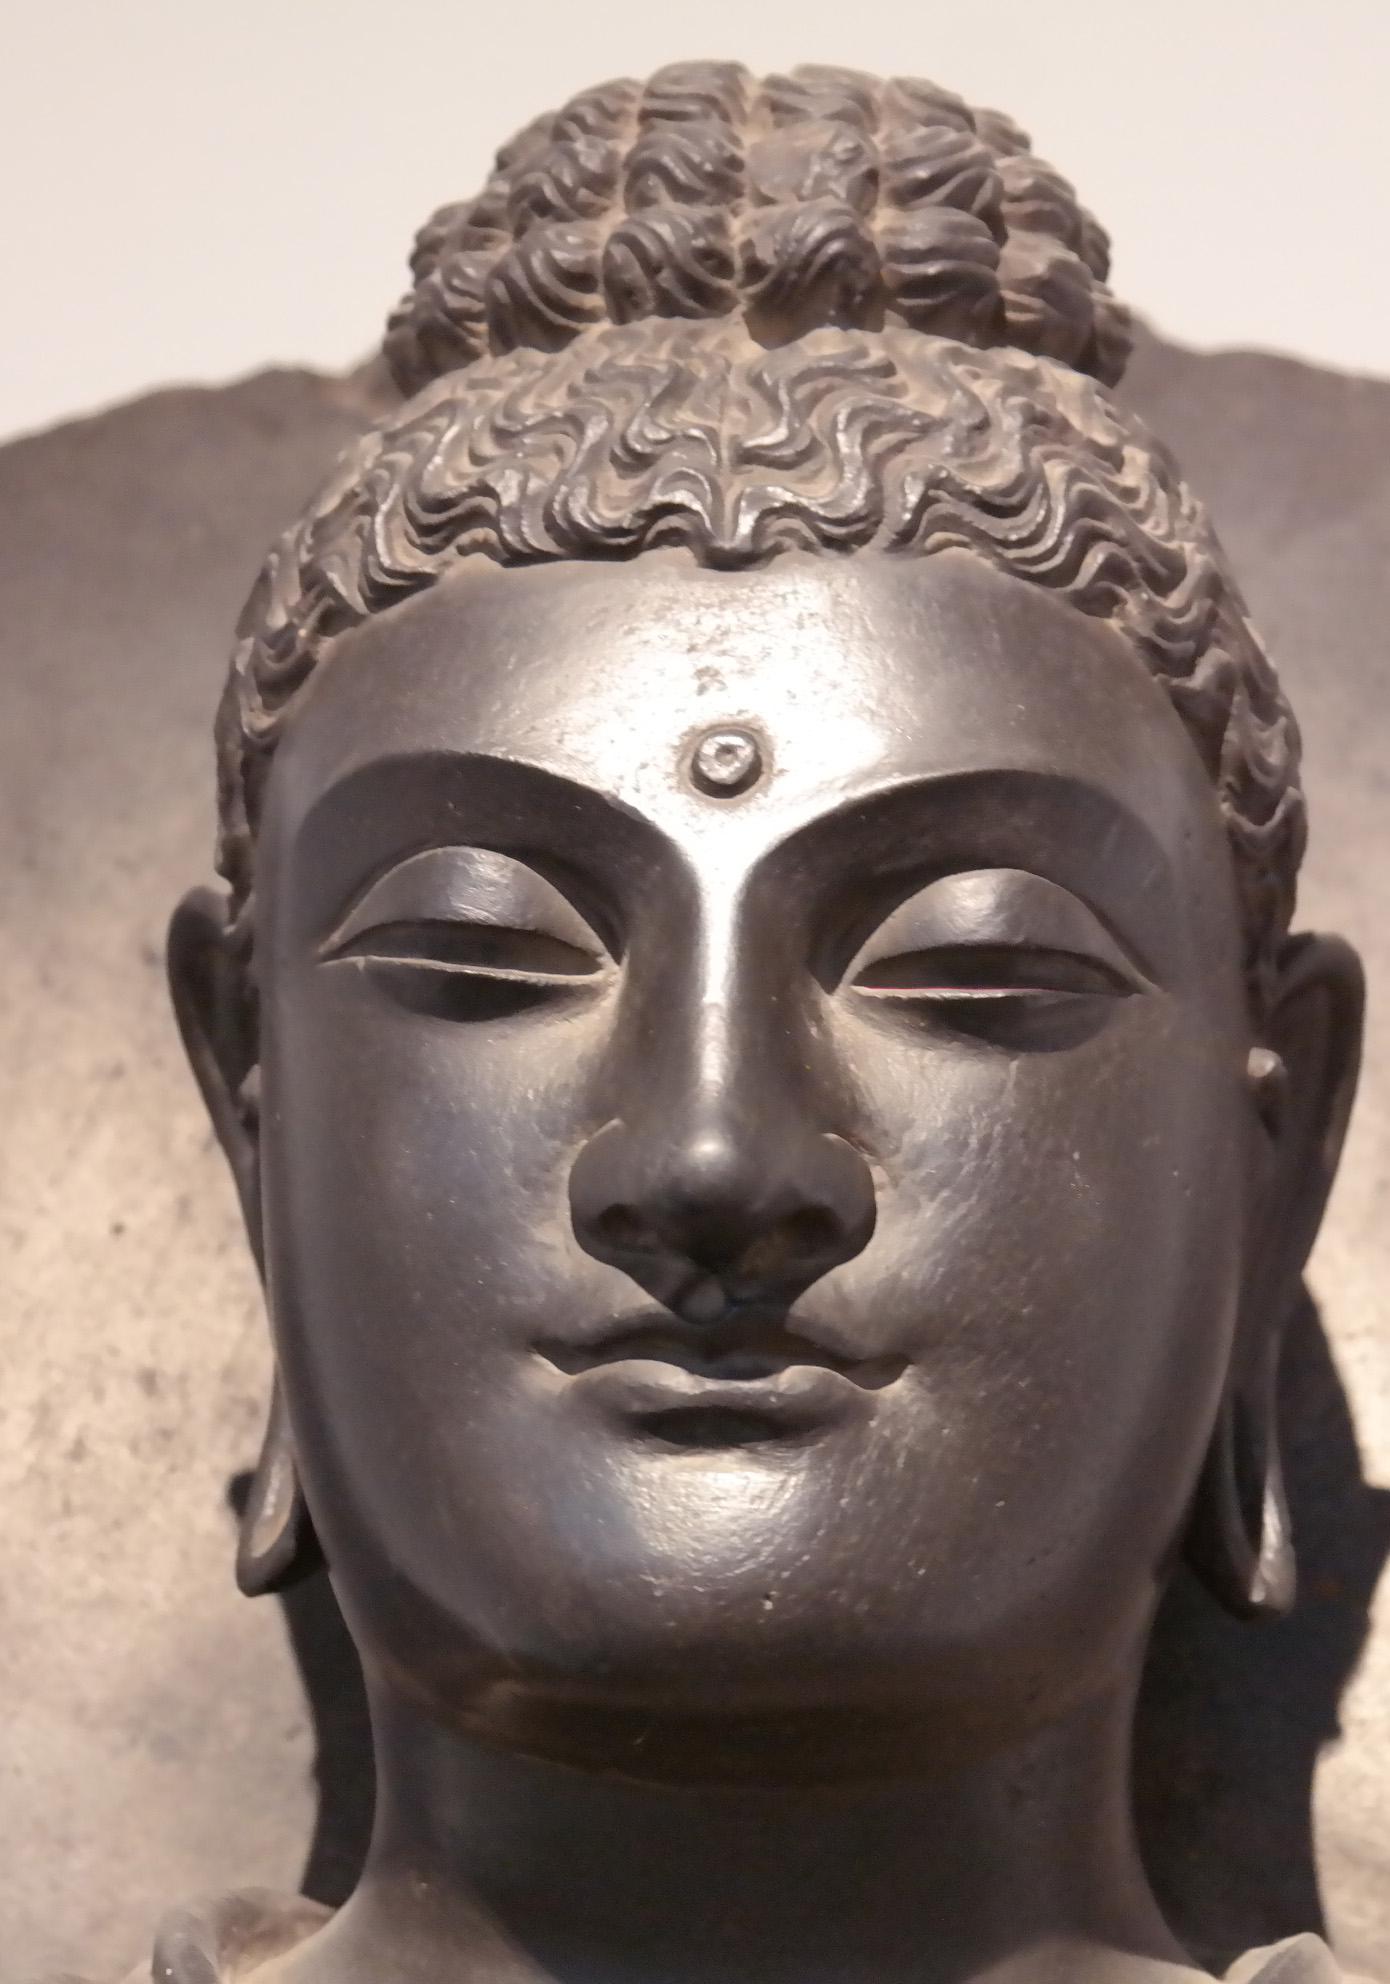 [백성호의 현문우답] 상한 돼지고기 먹어 식중독···우리가 몰랐던 부처님의 죽음